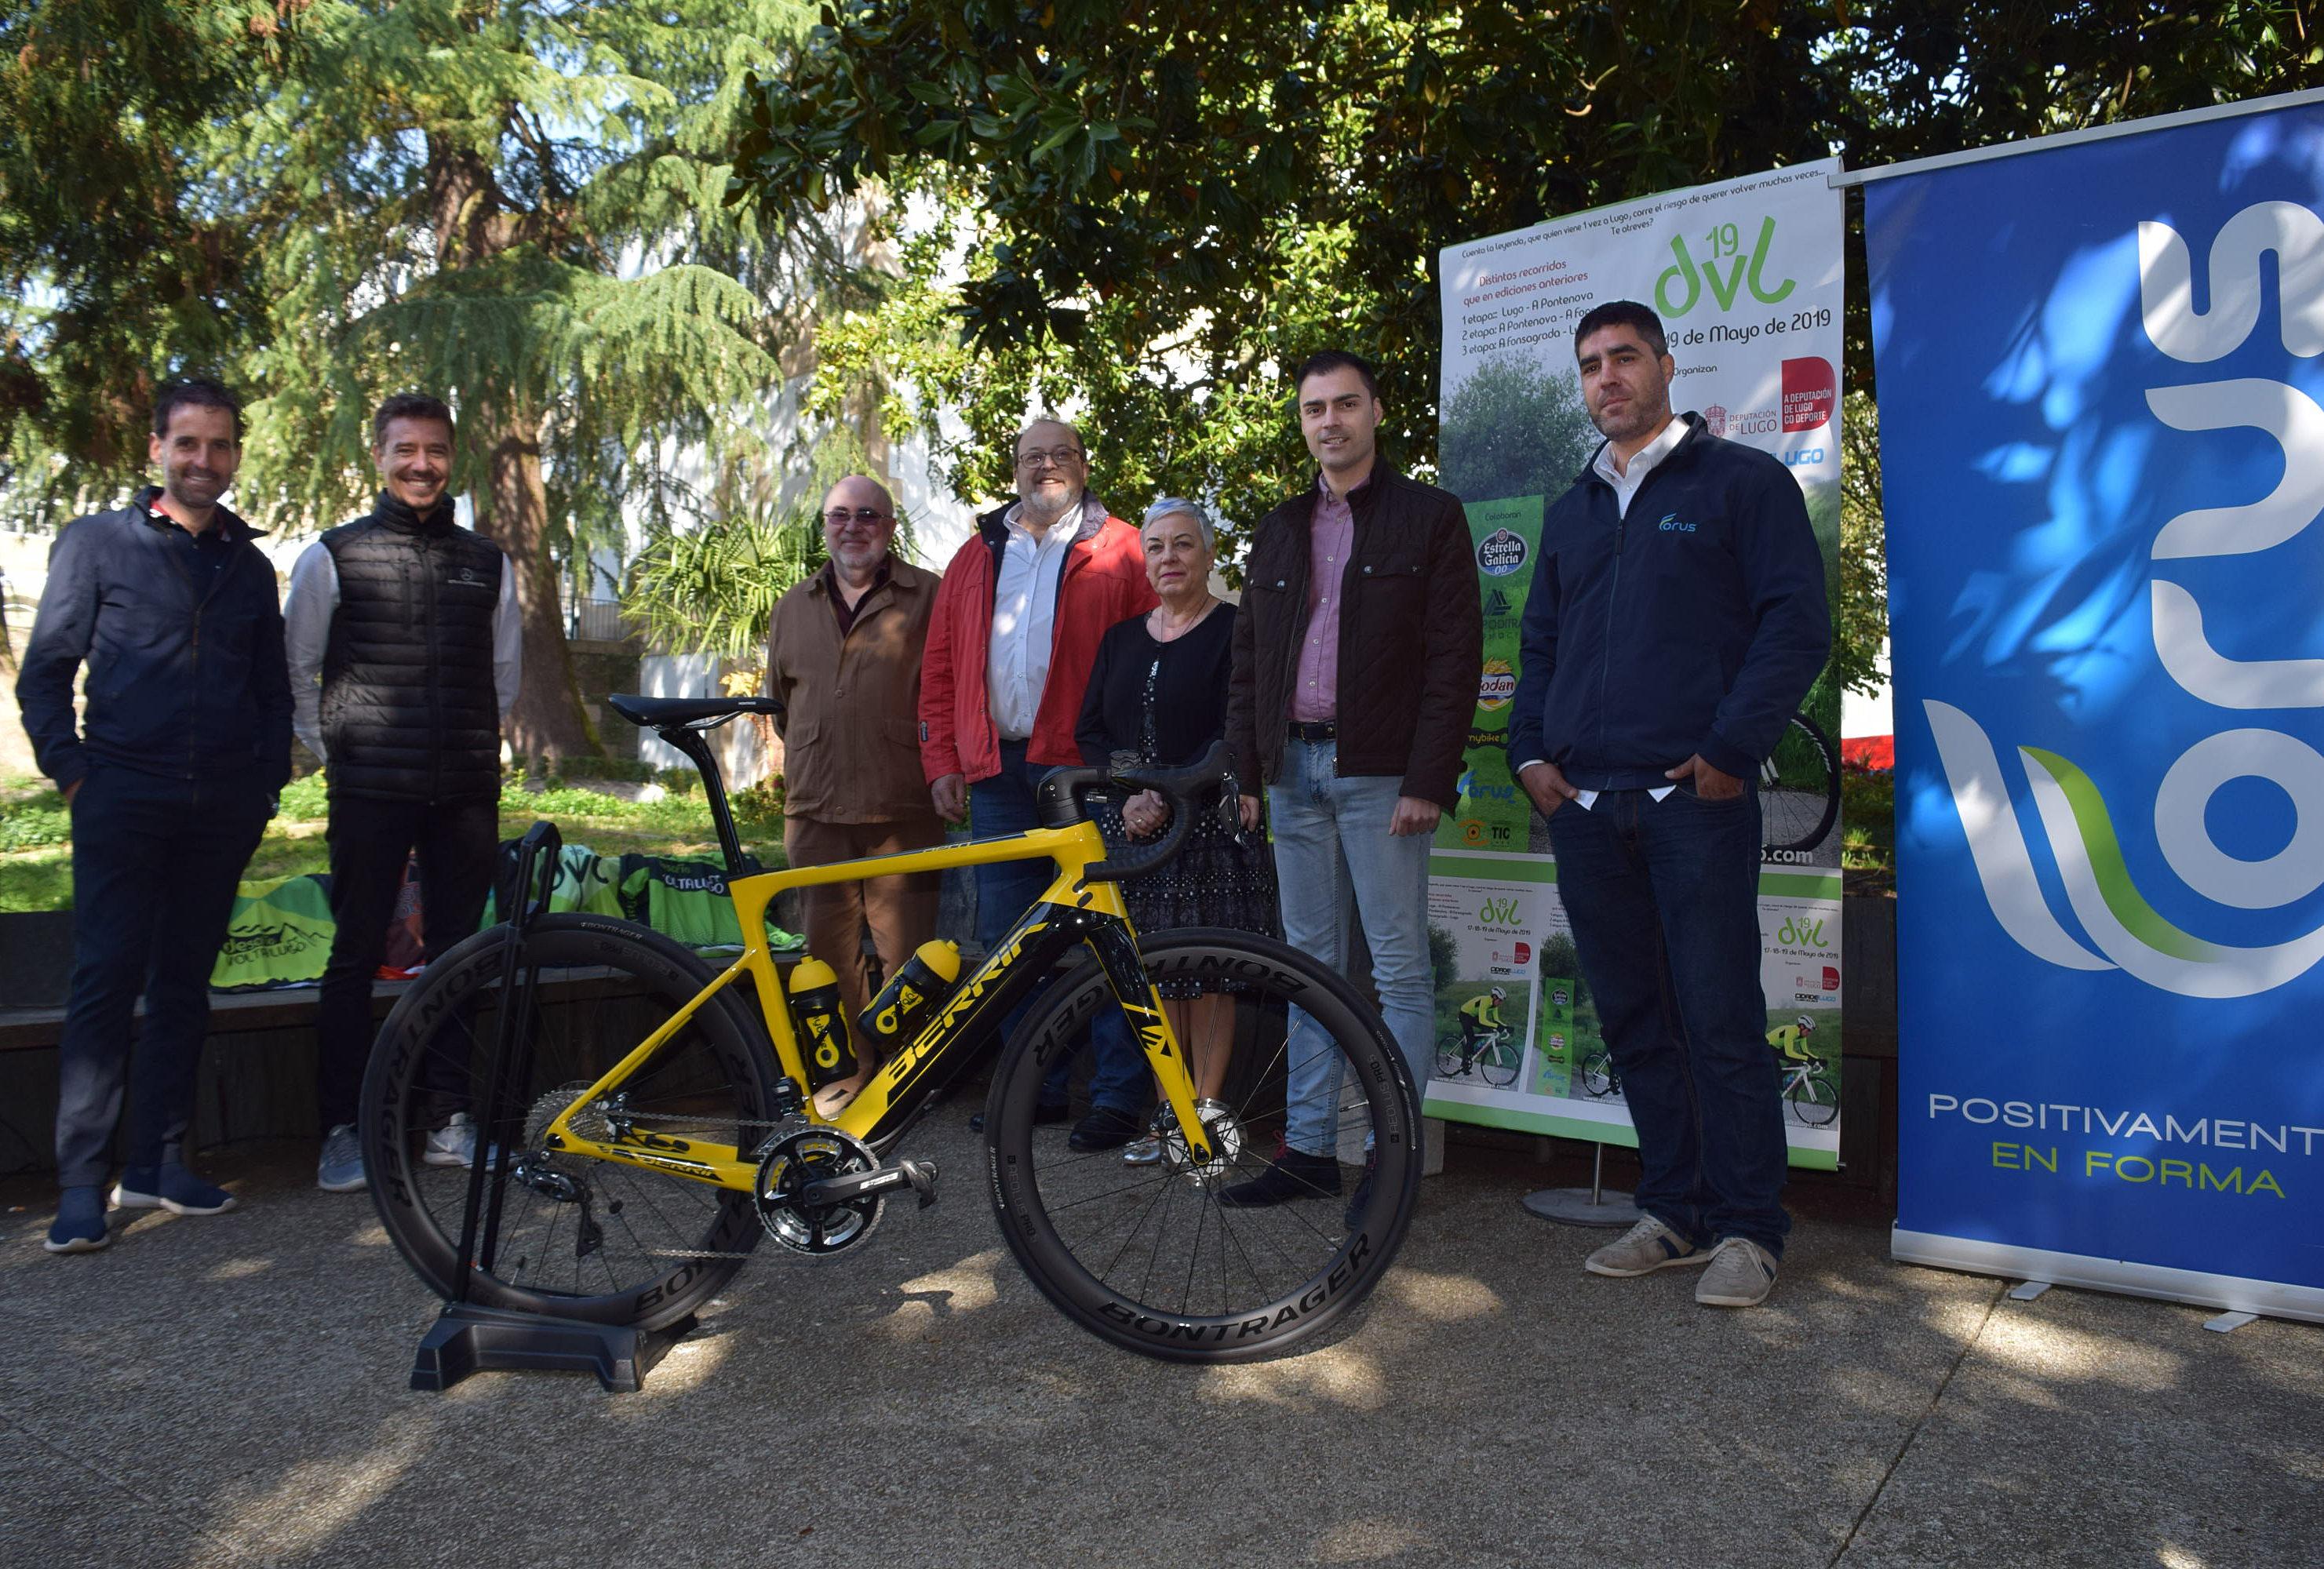 172 ciclistas percorrerán 265 quilómetros no V Desafío Volta a Lugo que patrocina a Deputación